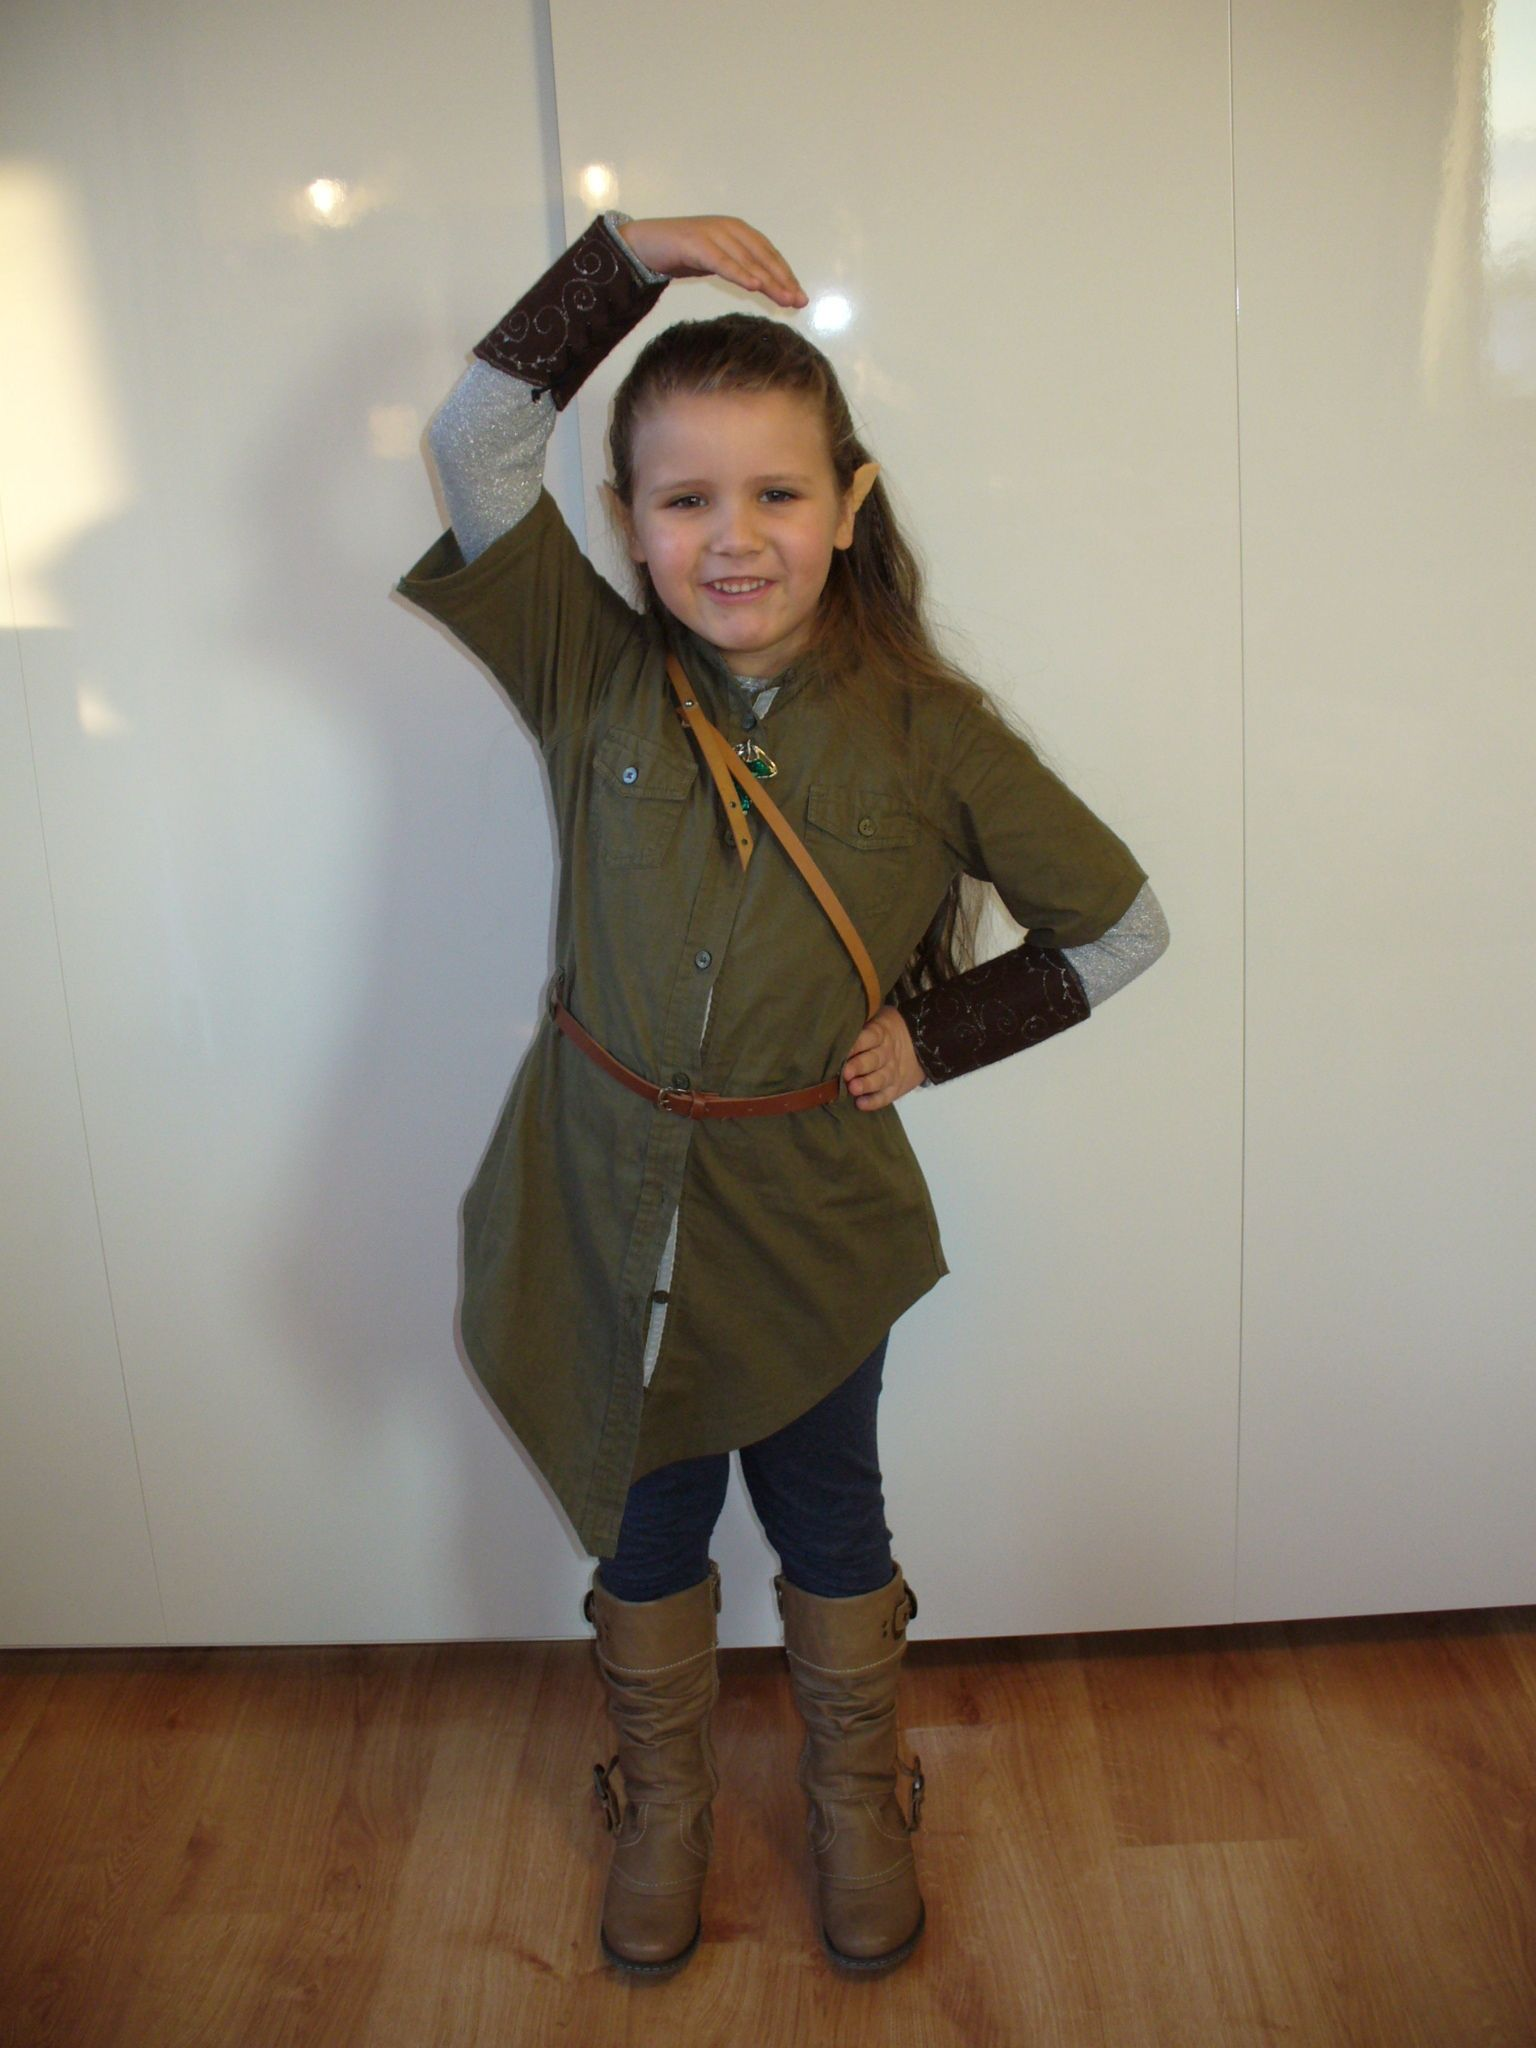 Legolas elf costume easy DIY cosplay | Legolas costume | Pinterest ...